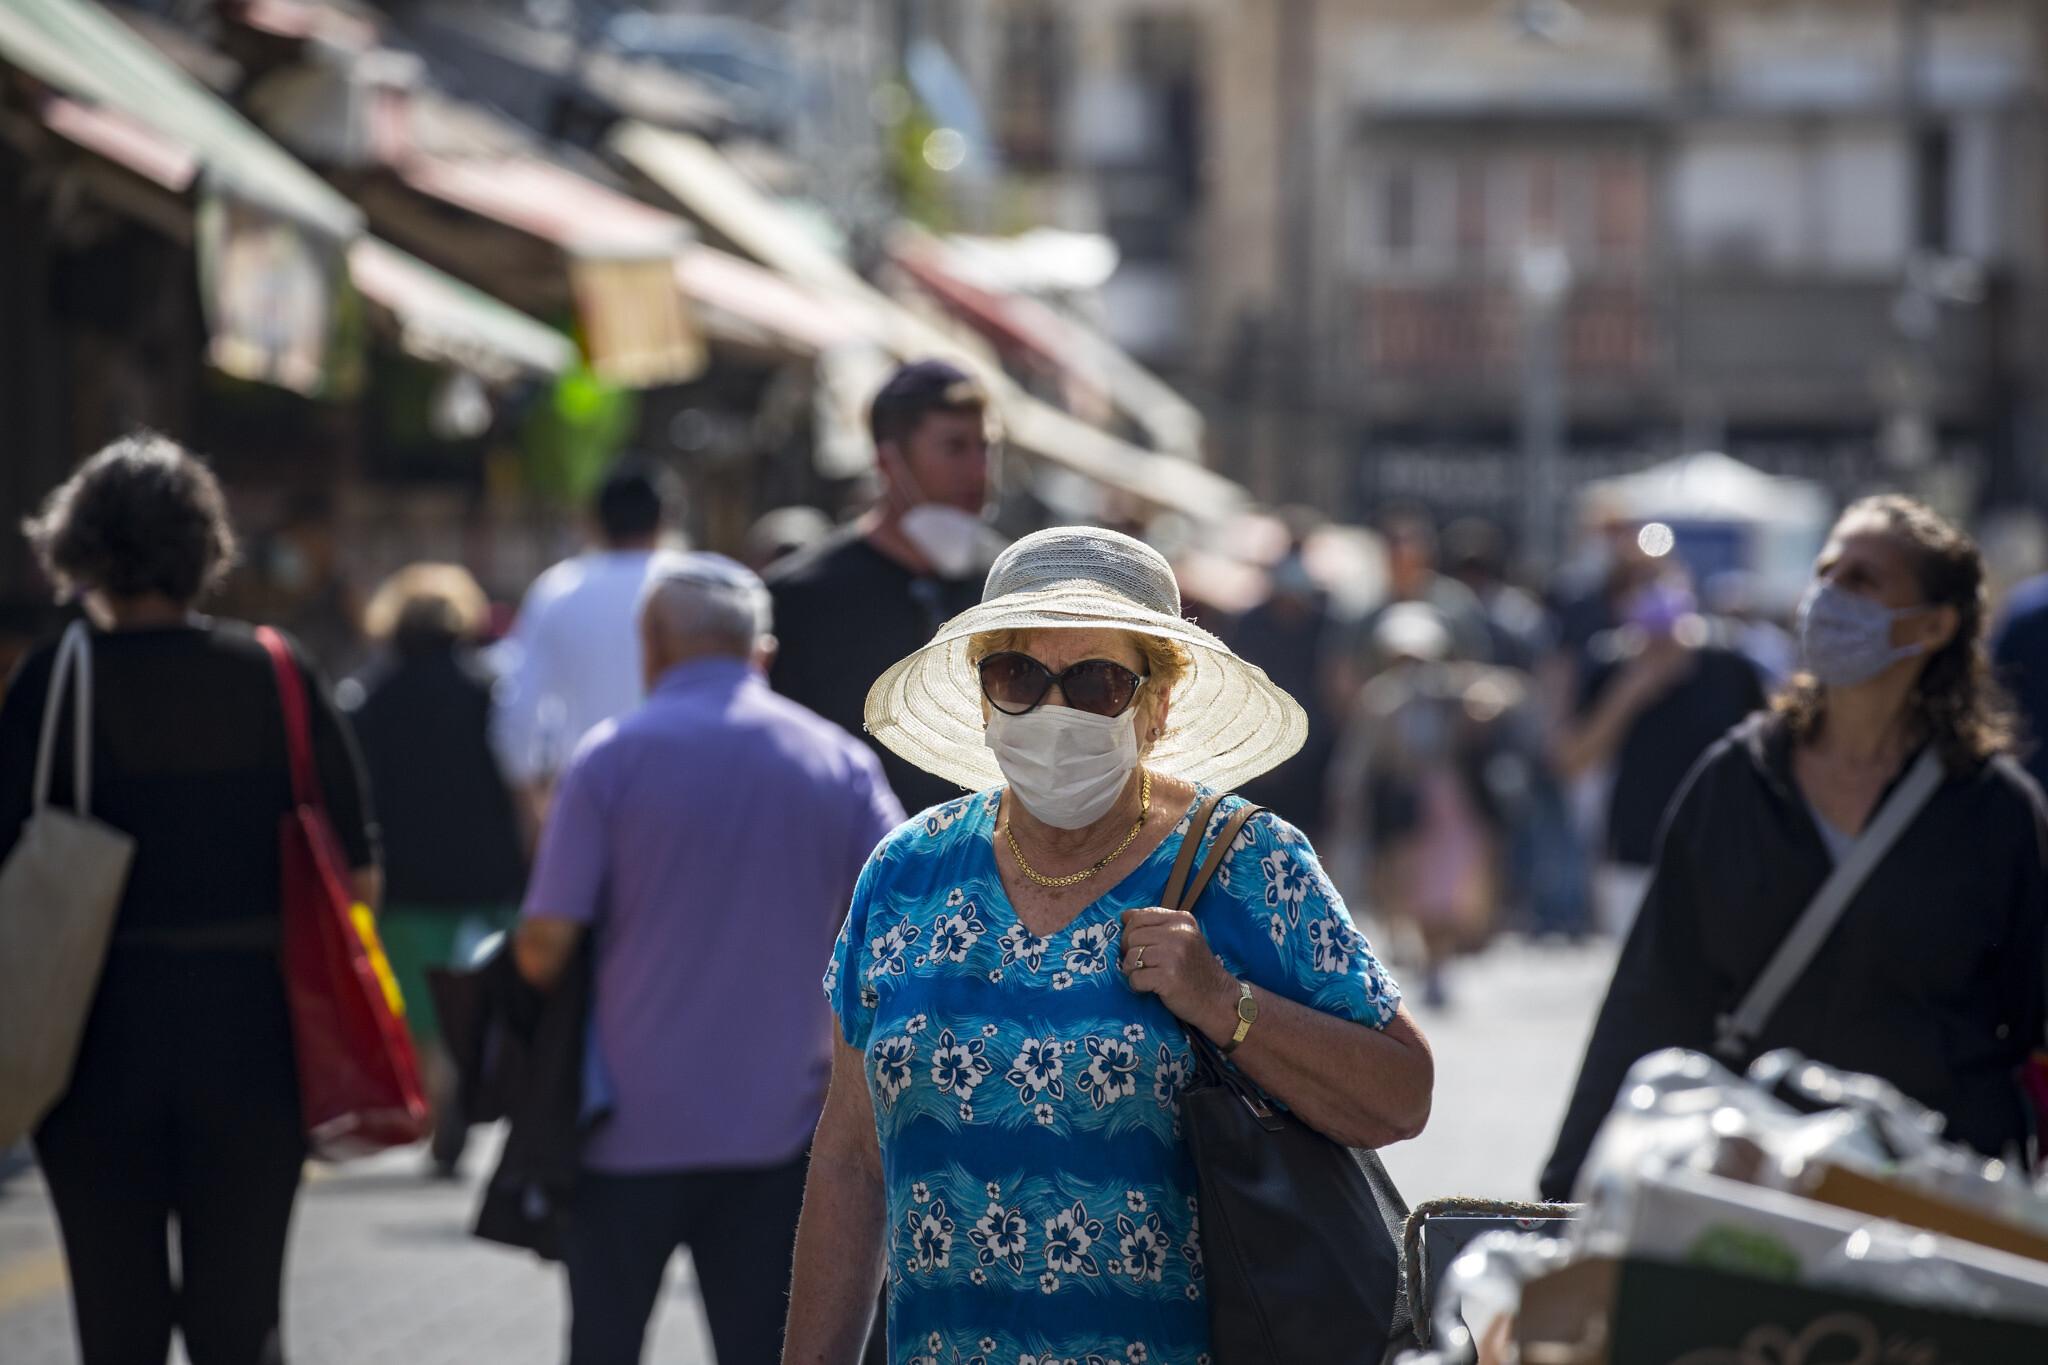 Jövőhéten bezárhatnak az üzletek, piacok és a plázák is Izraelben